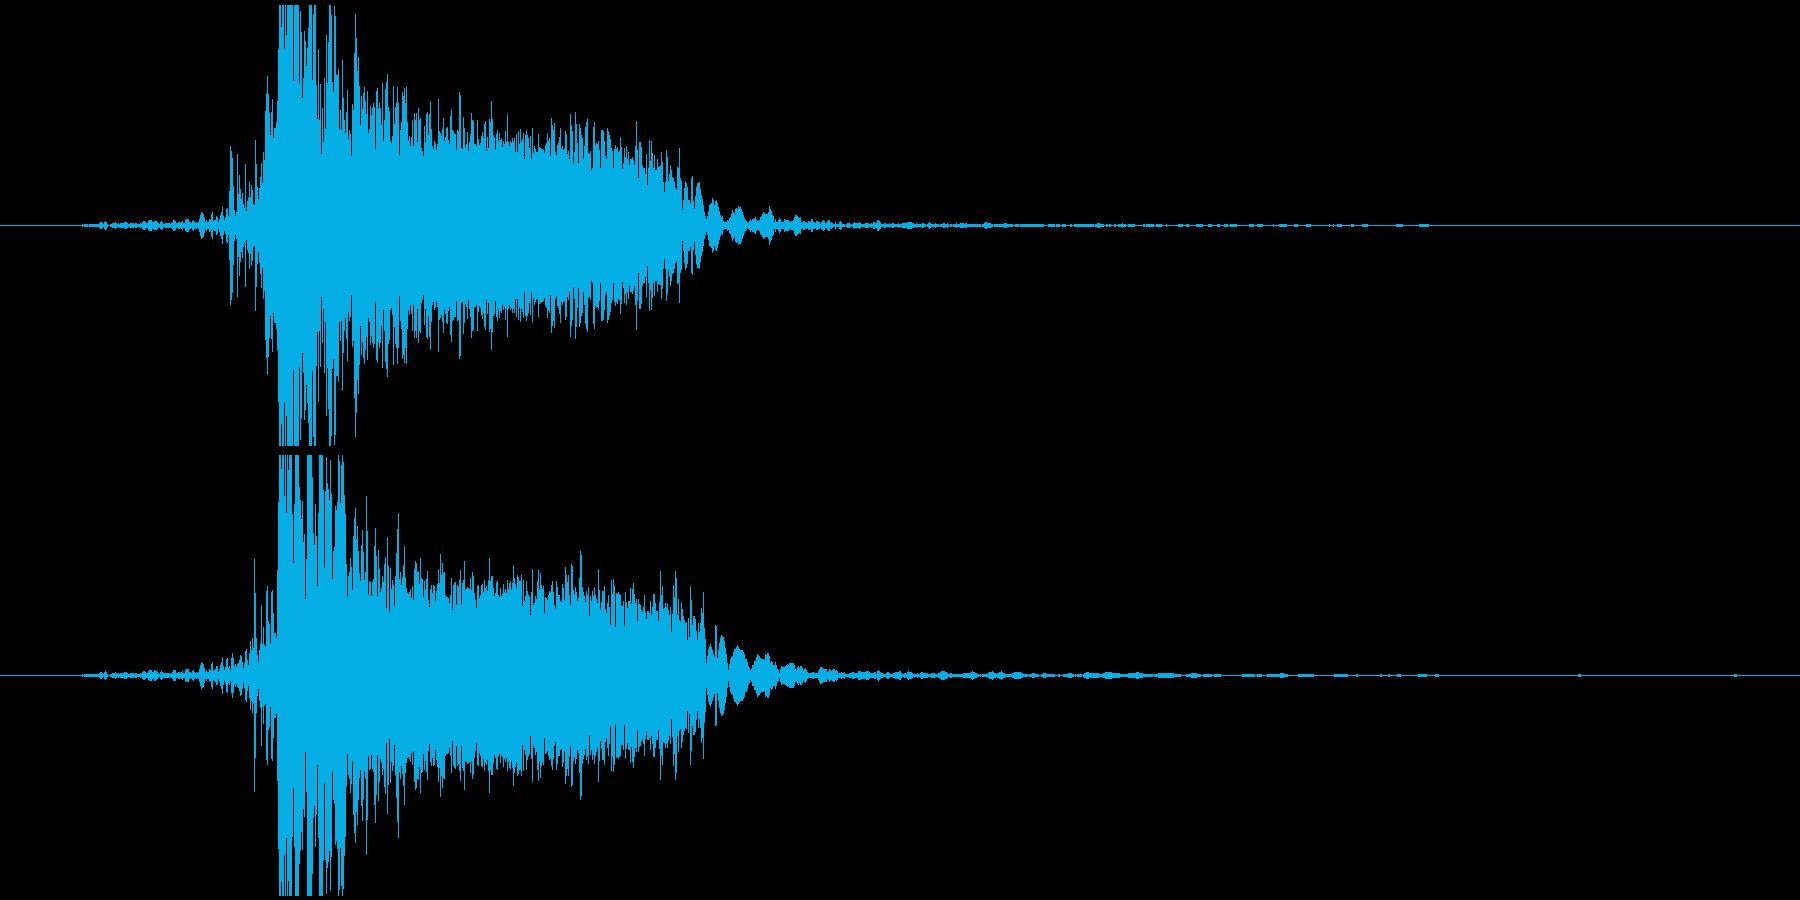 【ゲーム】ヒット_10 ピキーッッッ!!の再生済みの波形